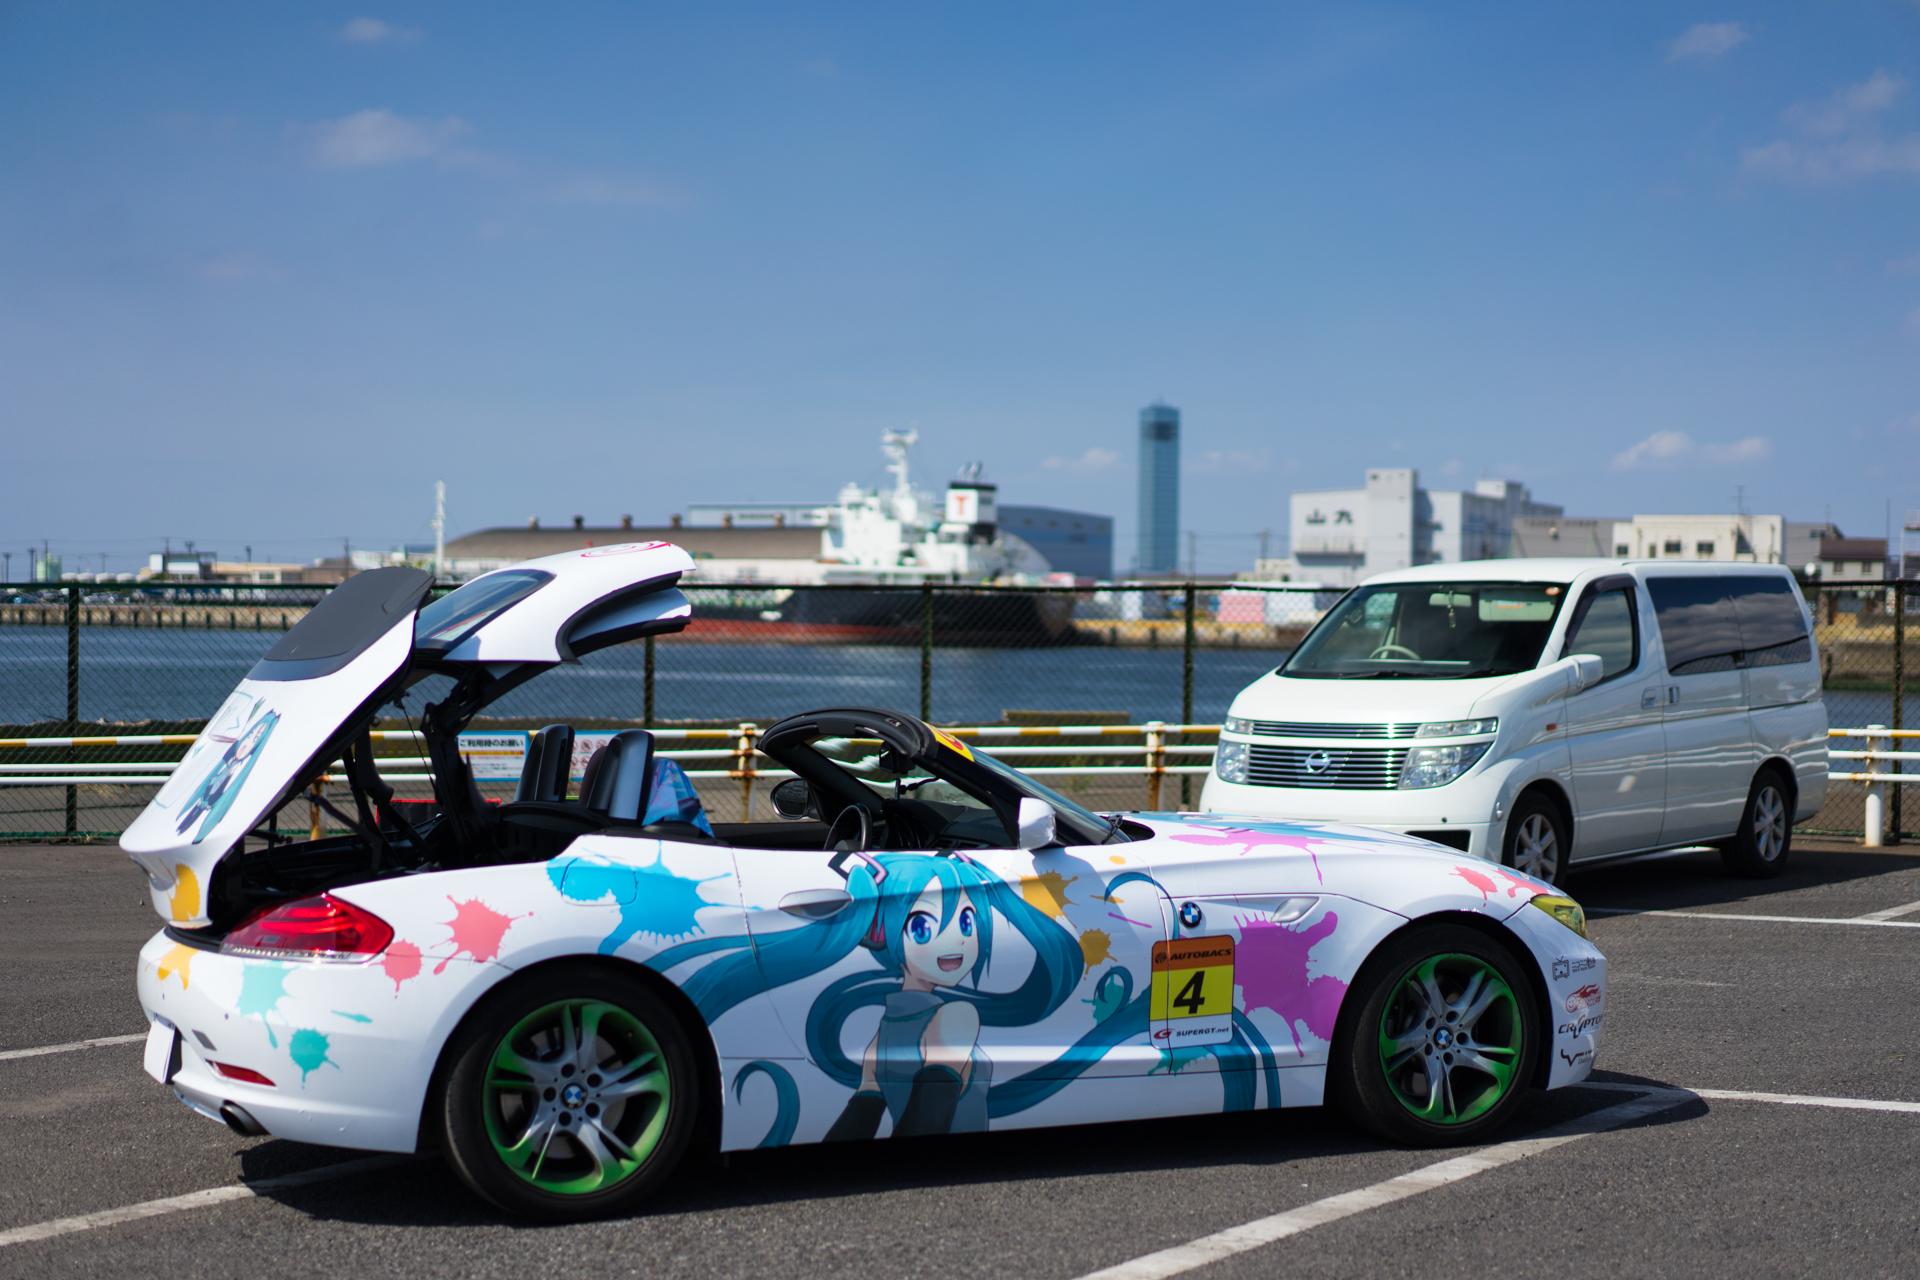 初音ミク BMW 第一回 痛車 Samurai JAPAN SONY α7Ⅱ, Sonnar T* FE 55mm F1.8 ZA SEL55F18Z